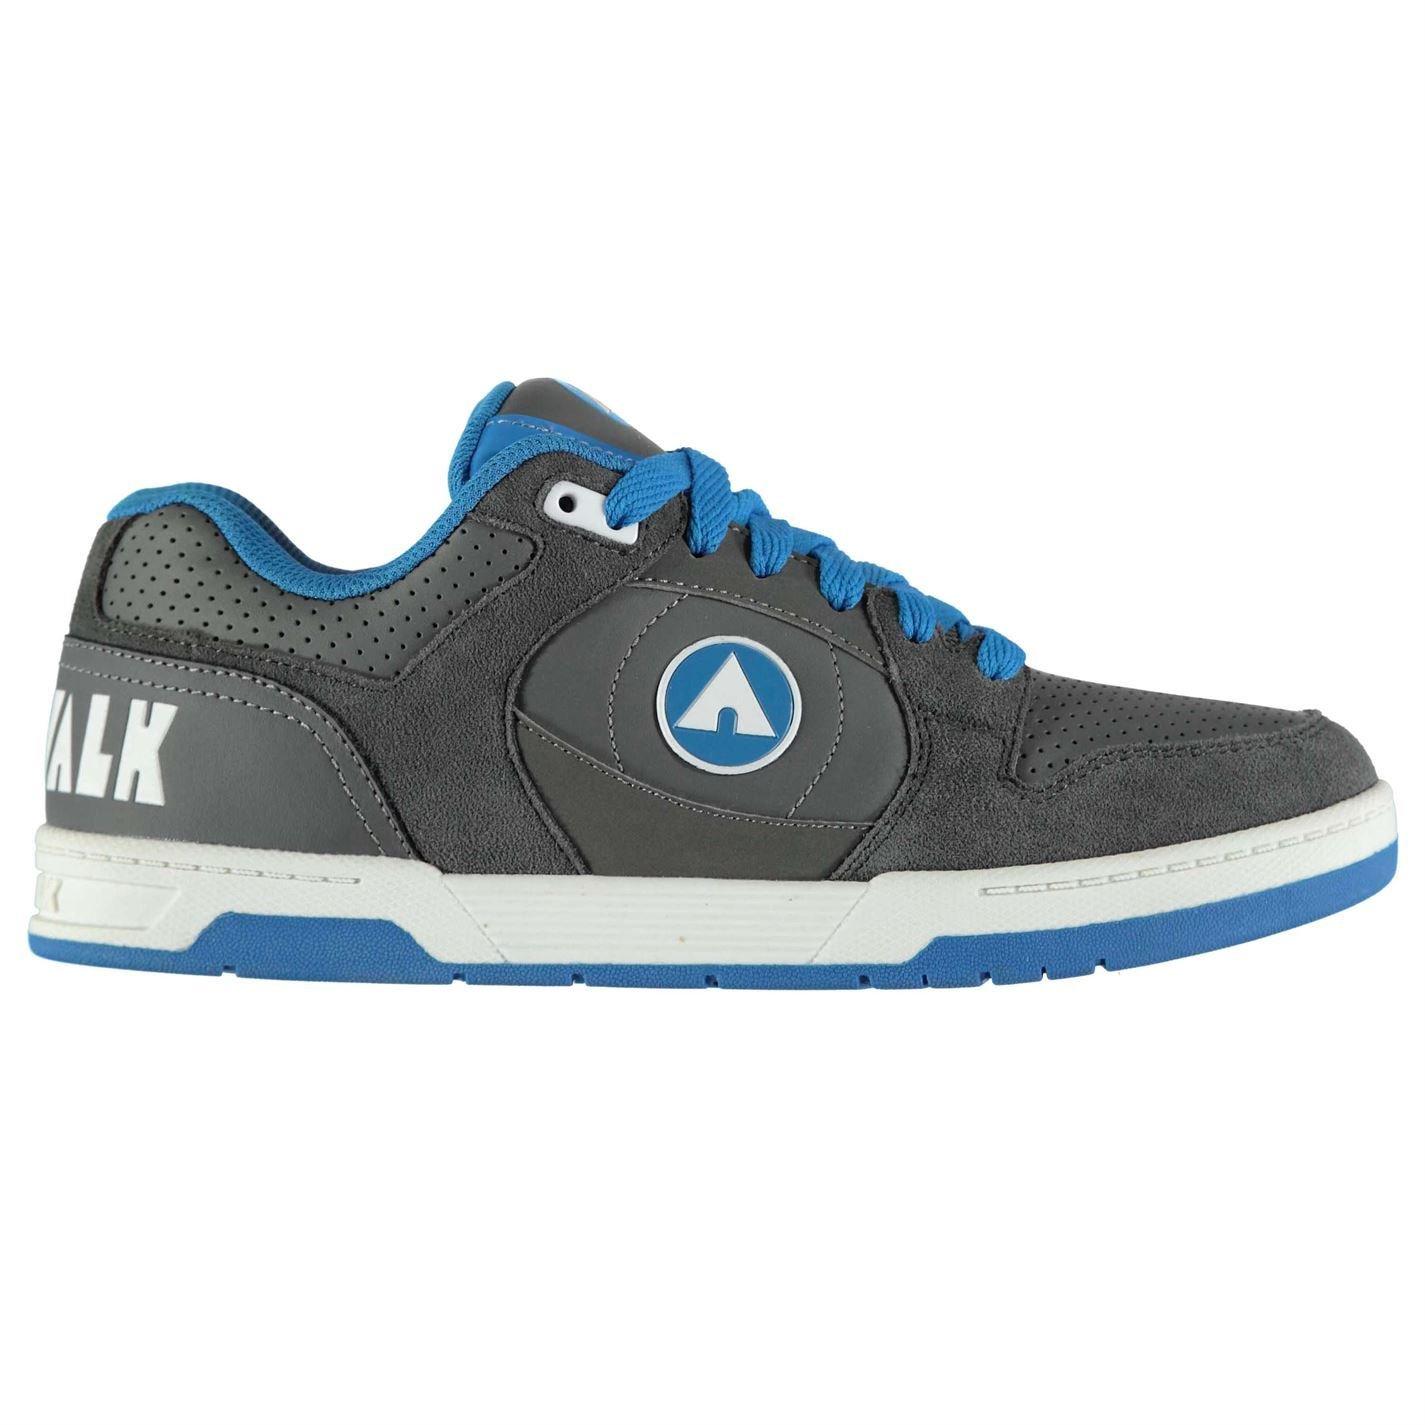 Original-Airwalk (-Skate-Schuhe, Herren Turnschuhe, Schwarz Blau, Skateboard